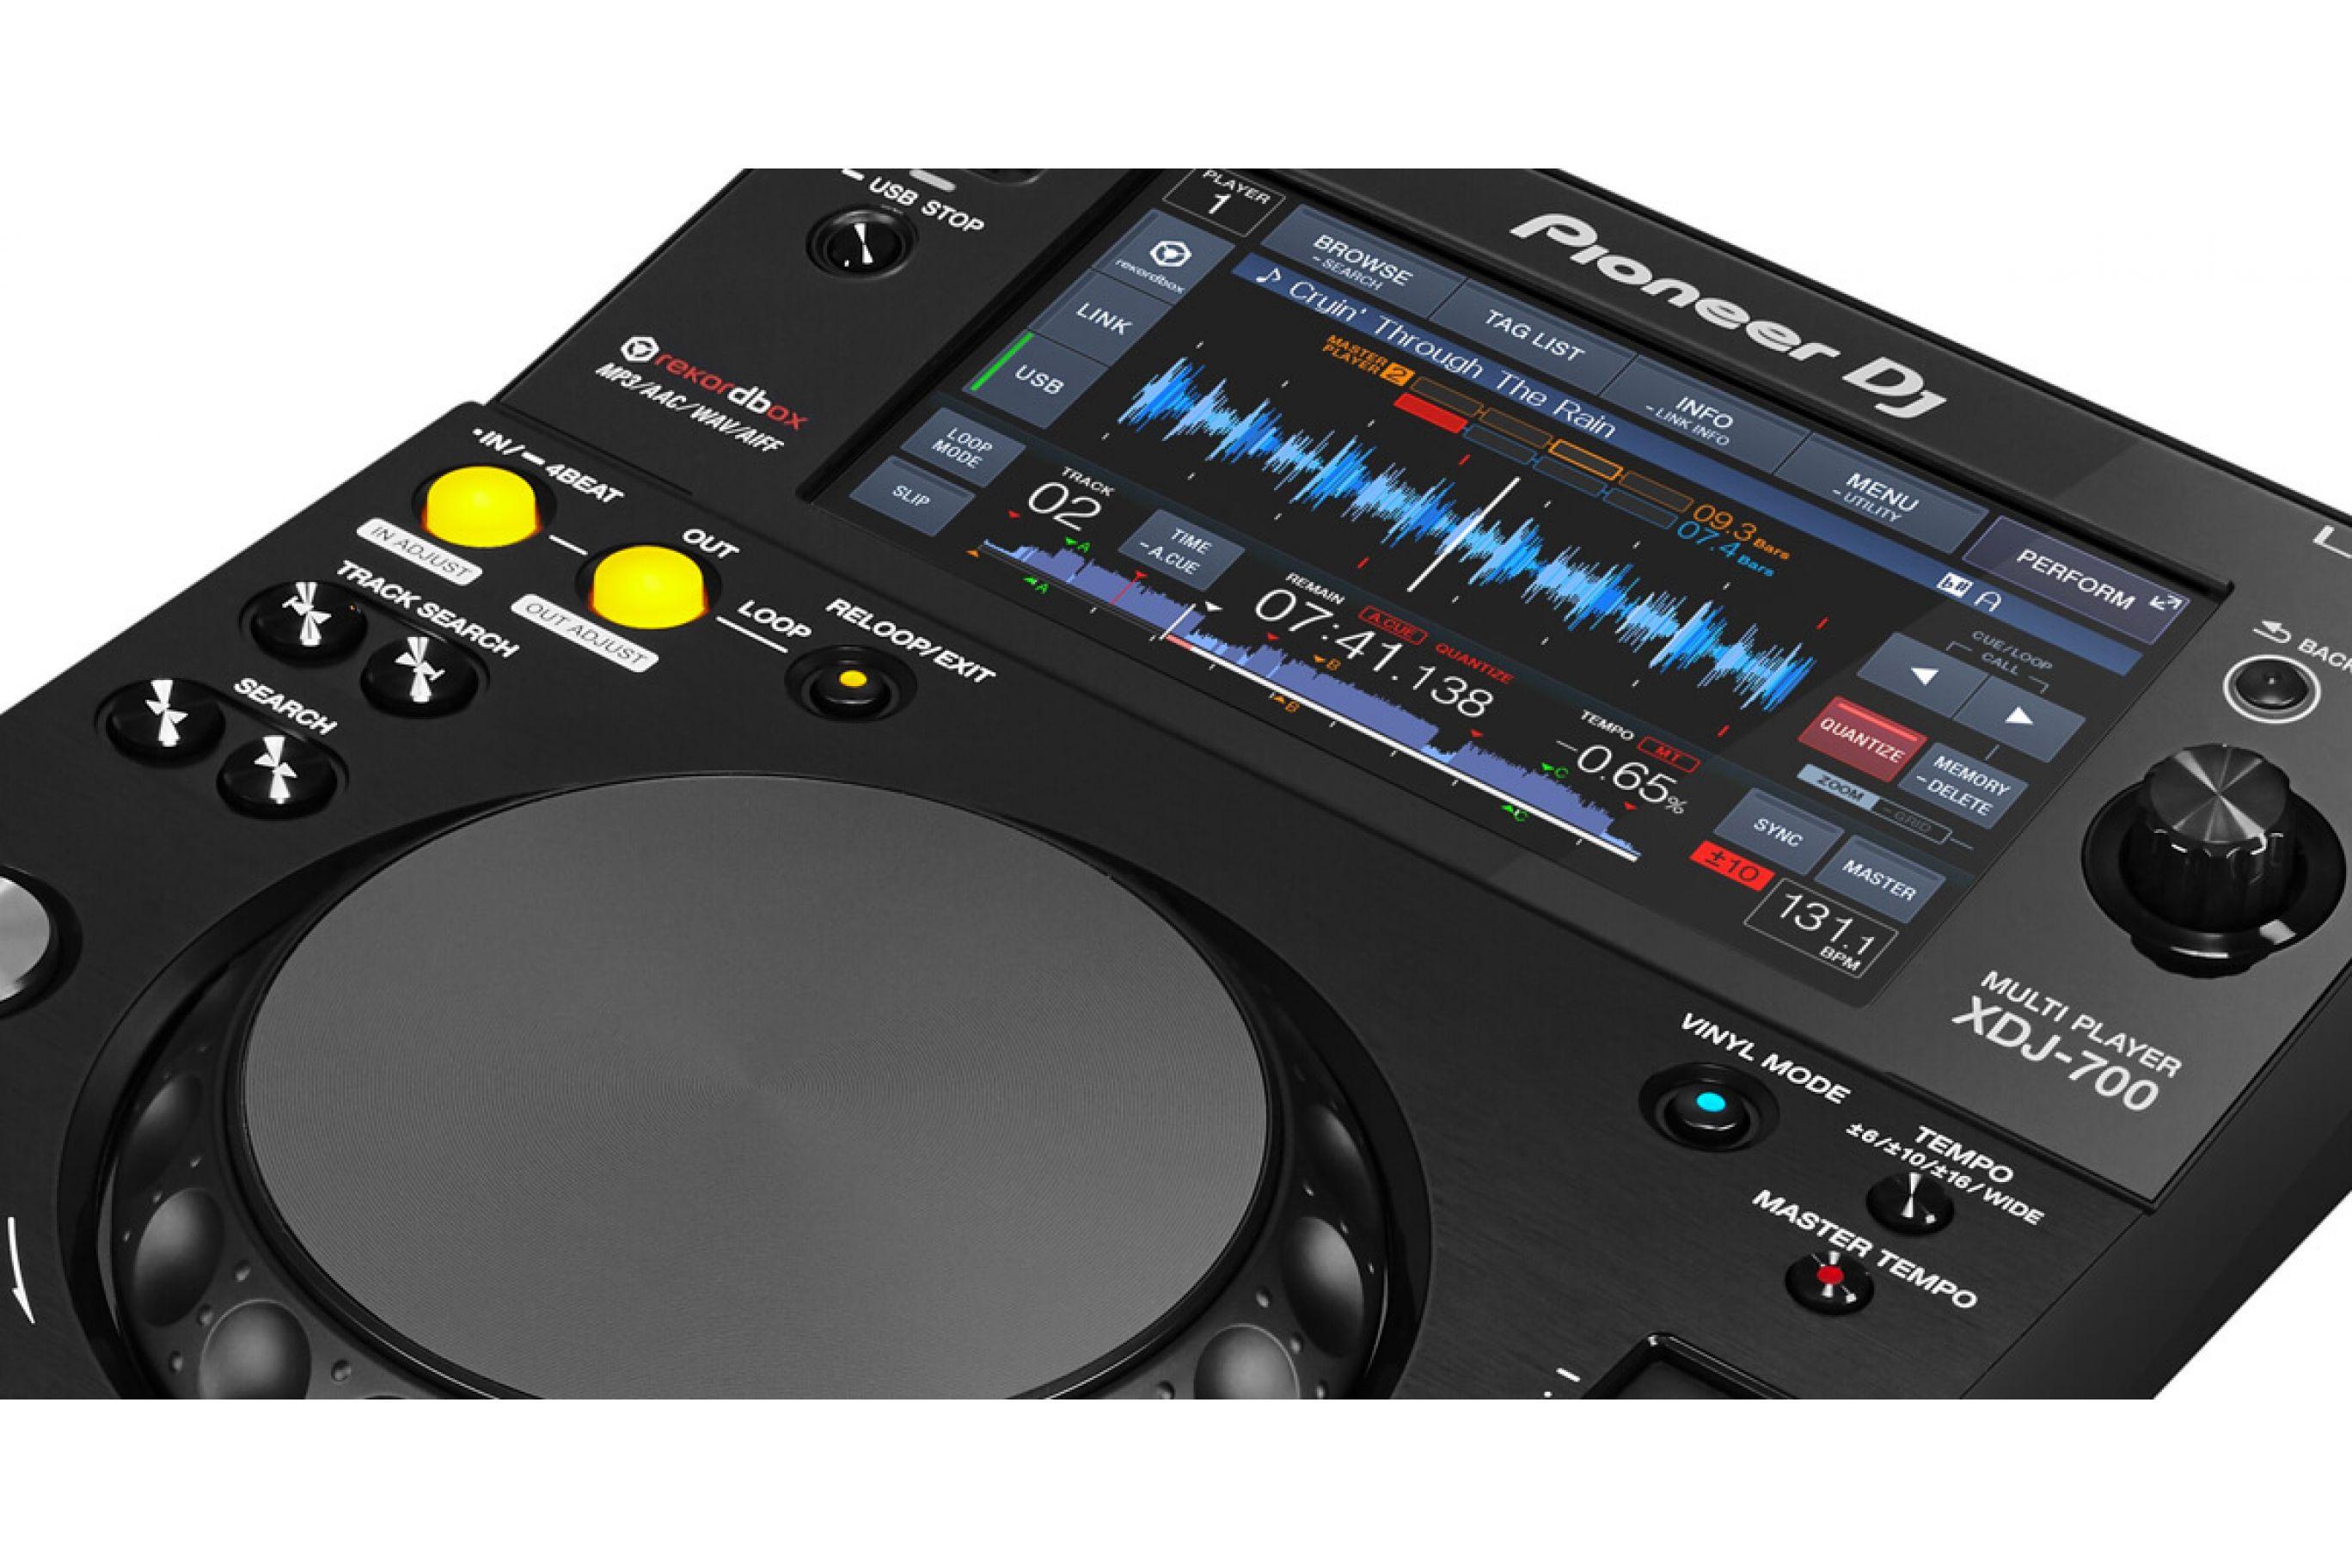 Pioneer XDJ700 (Recensione) - Dove Acquistare